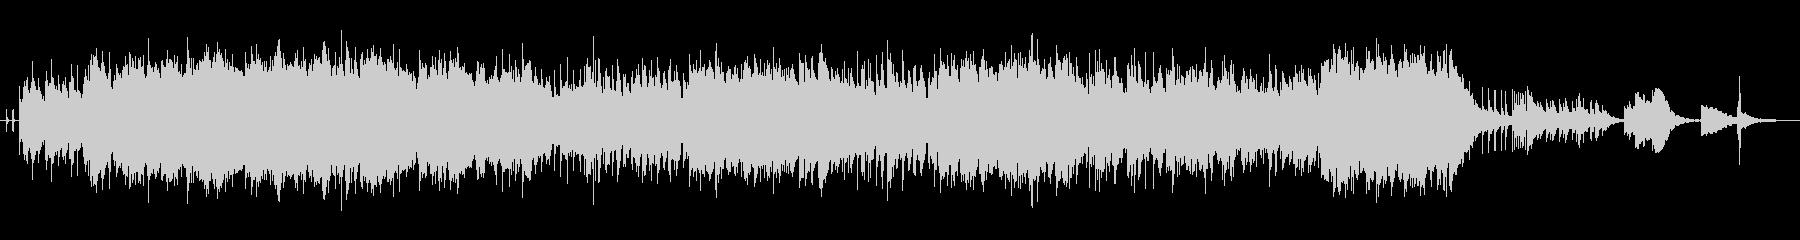 おしゃれなサックスソロのジャズの未再生の波形